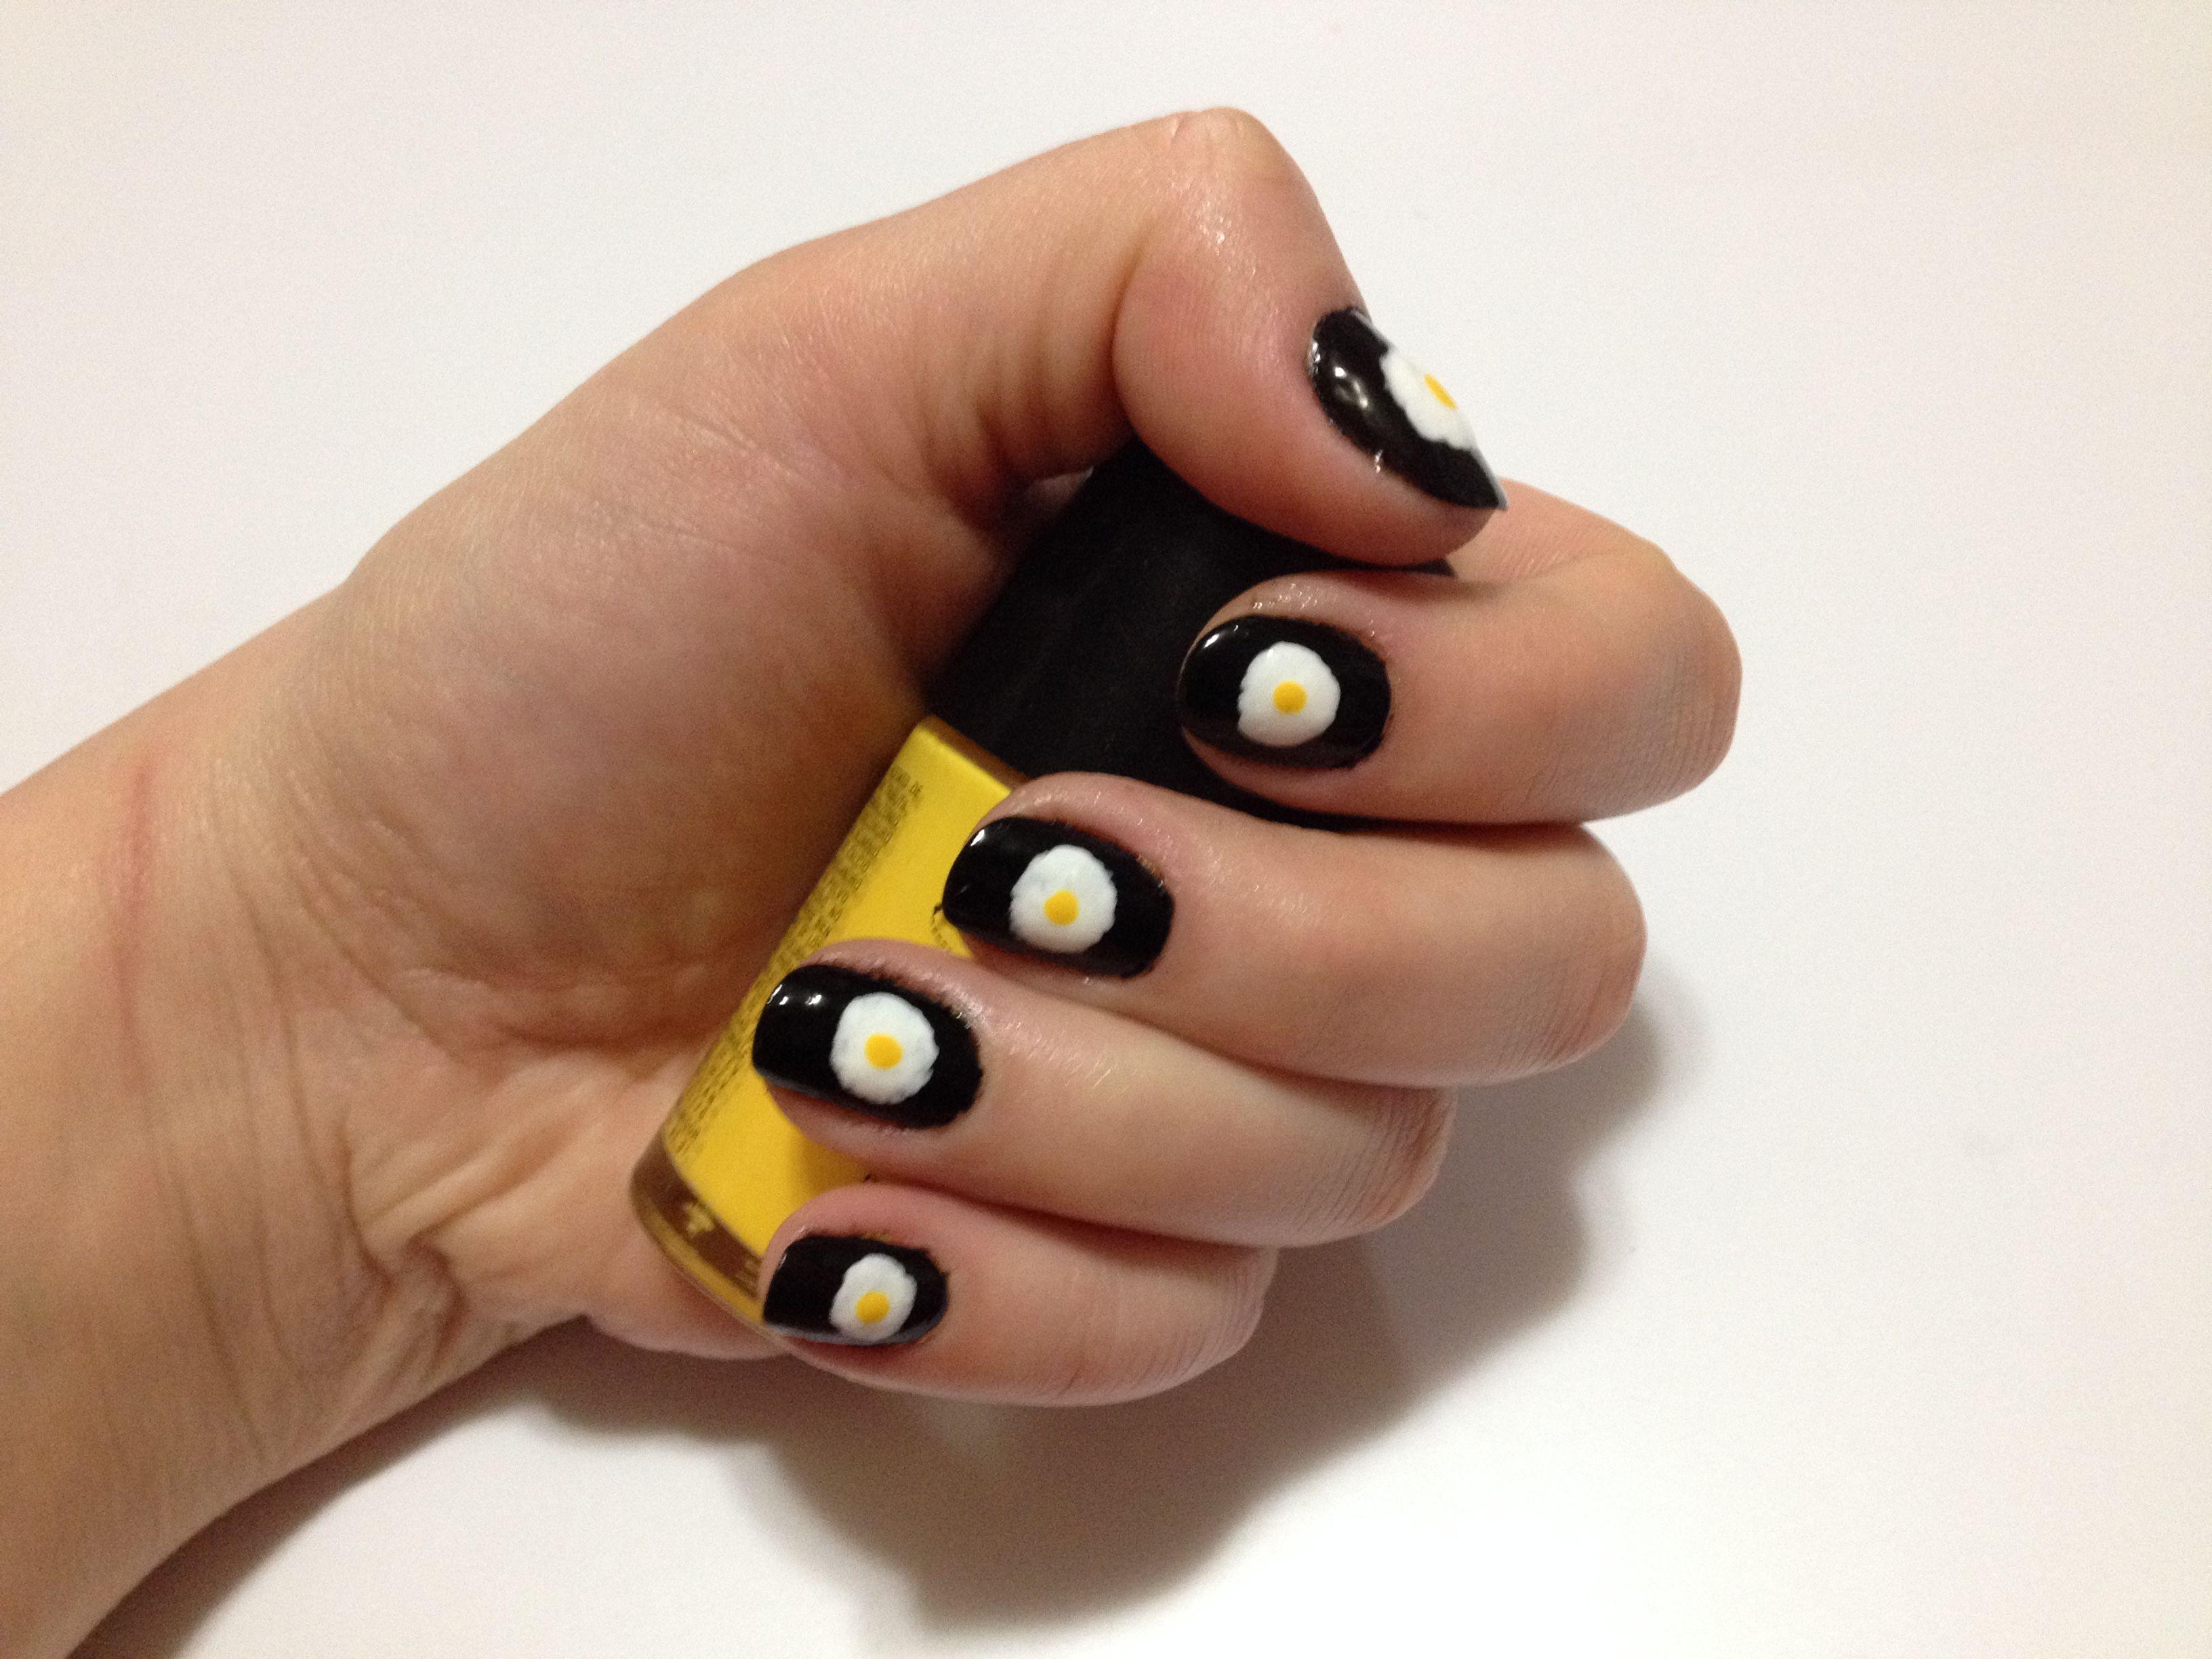 Uñas Con Huevos Estrellados/Nails With Fried Eggs | Uñas/Nails ...